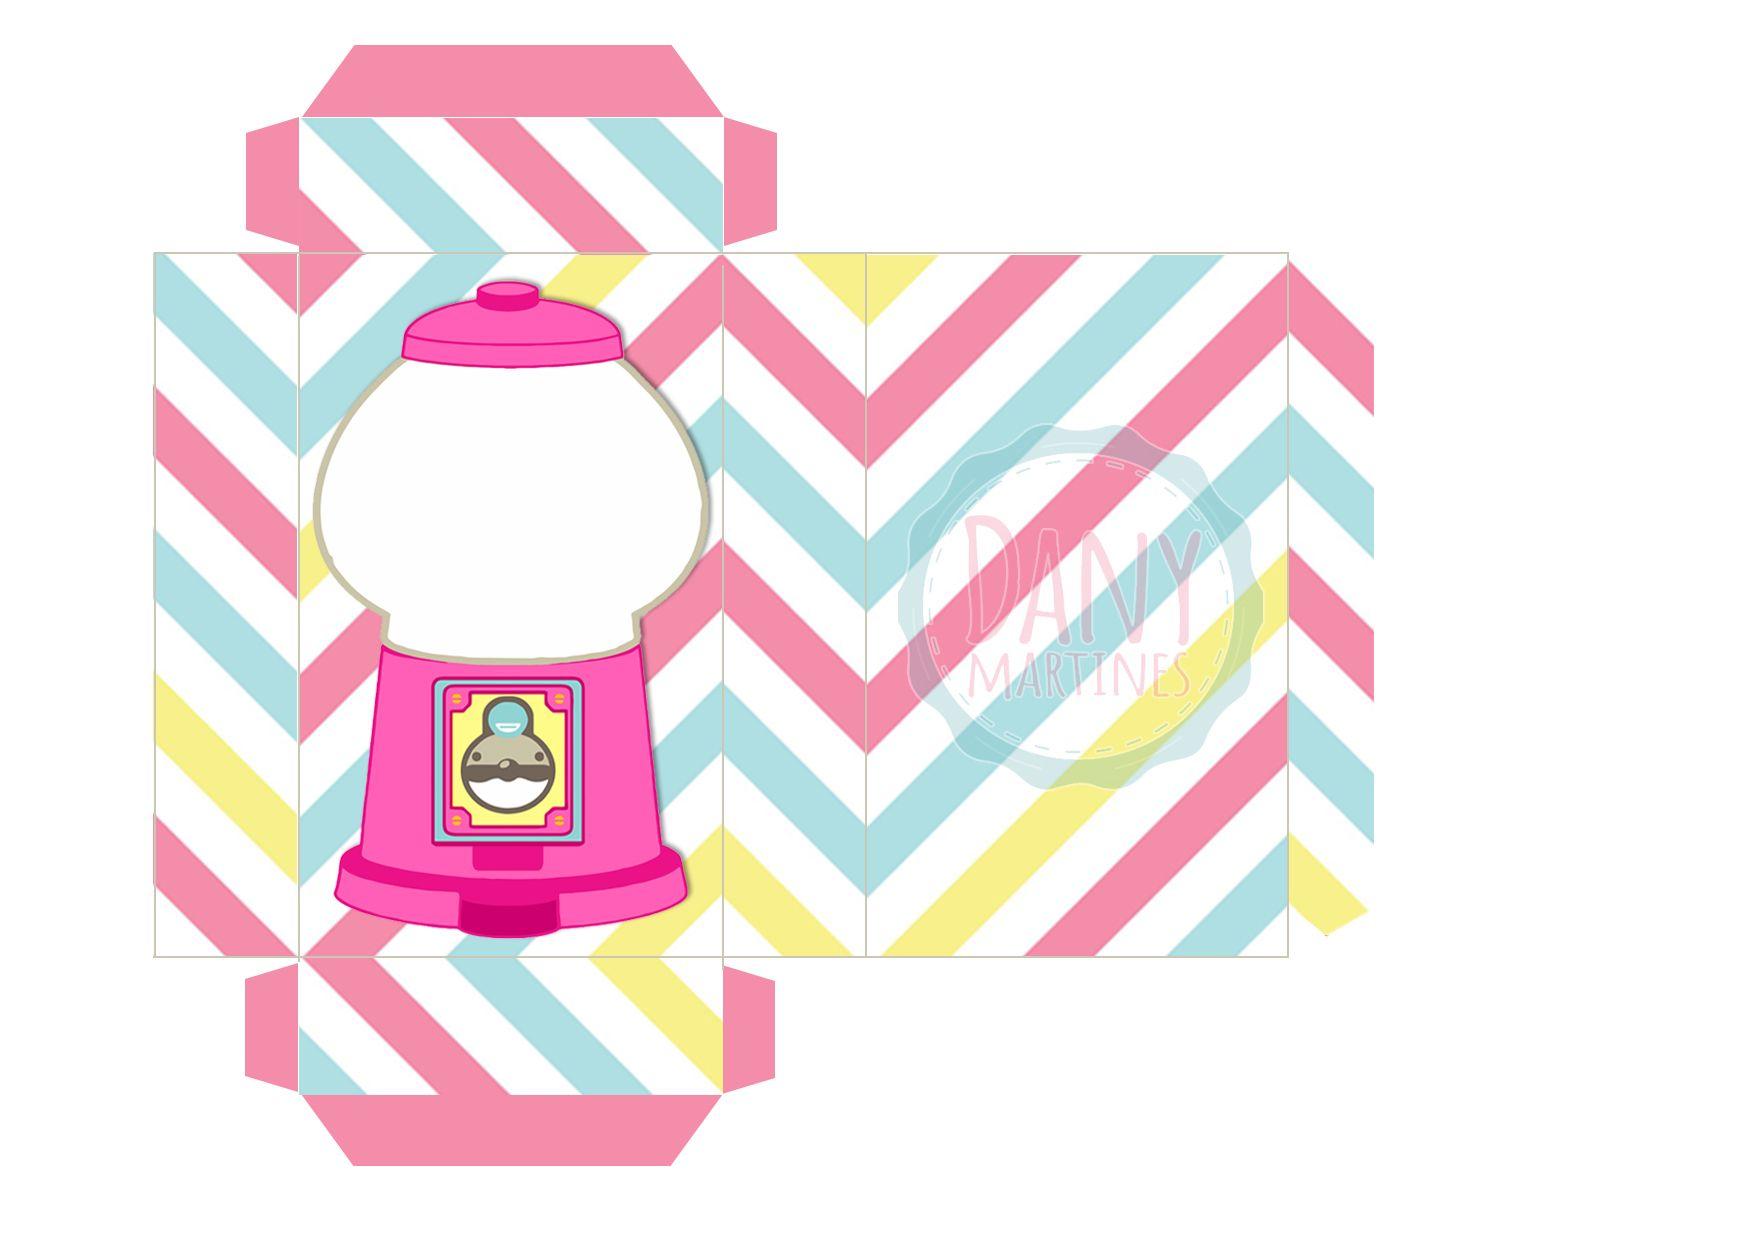 b595b25e9 Molde caixinha candy machine para colocar confetes dentro